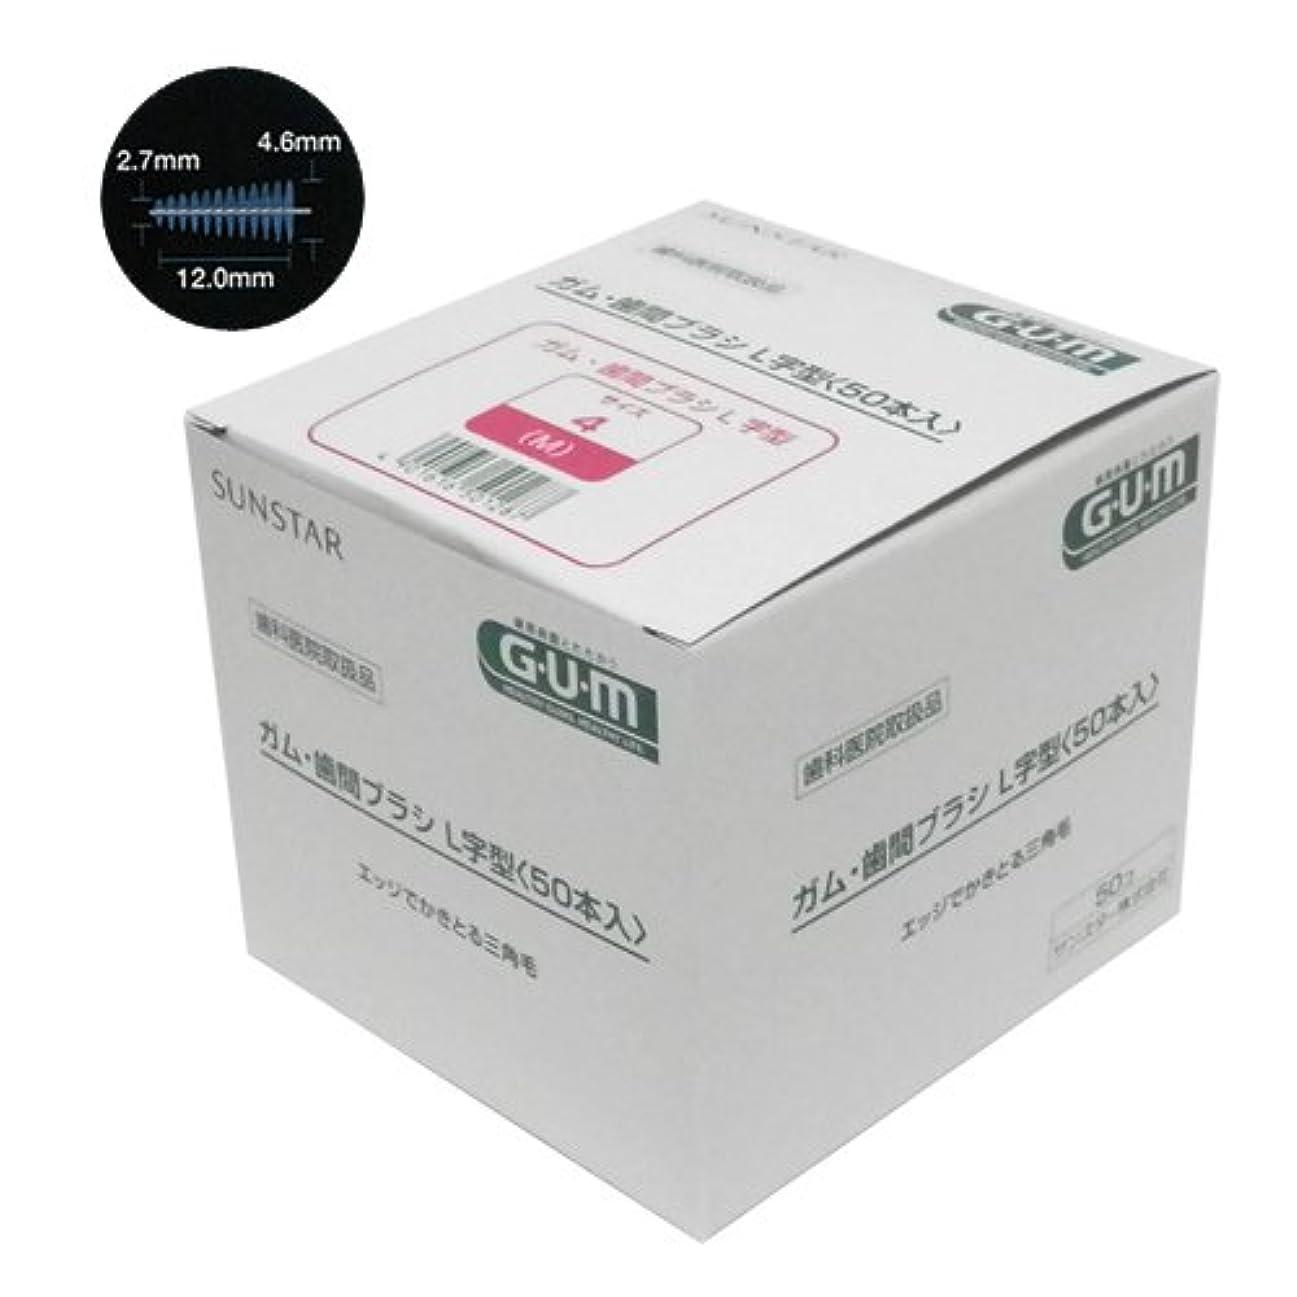 バンカーチェリー広がりサンスター ガム 歯間ブラシ L字型 50本入 (M(ピンク))